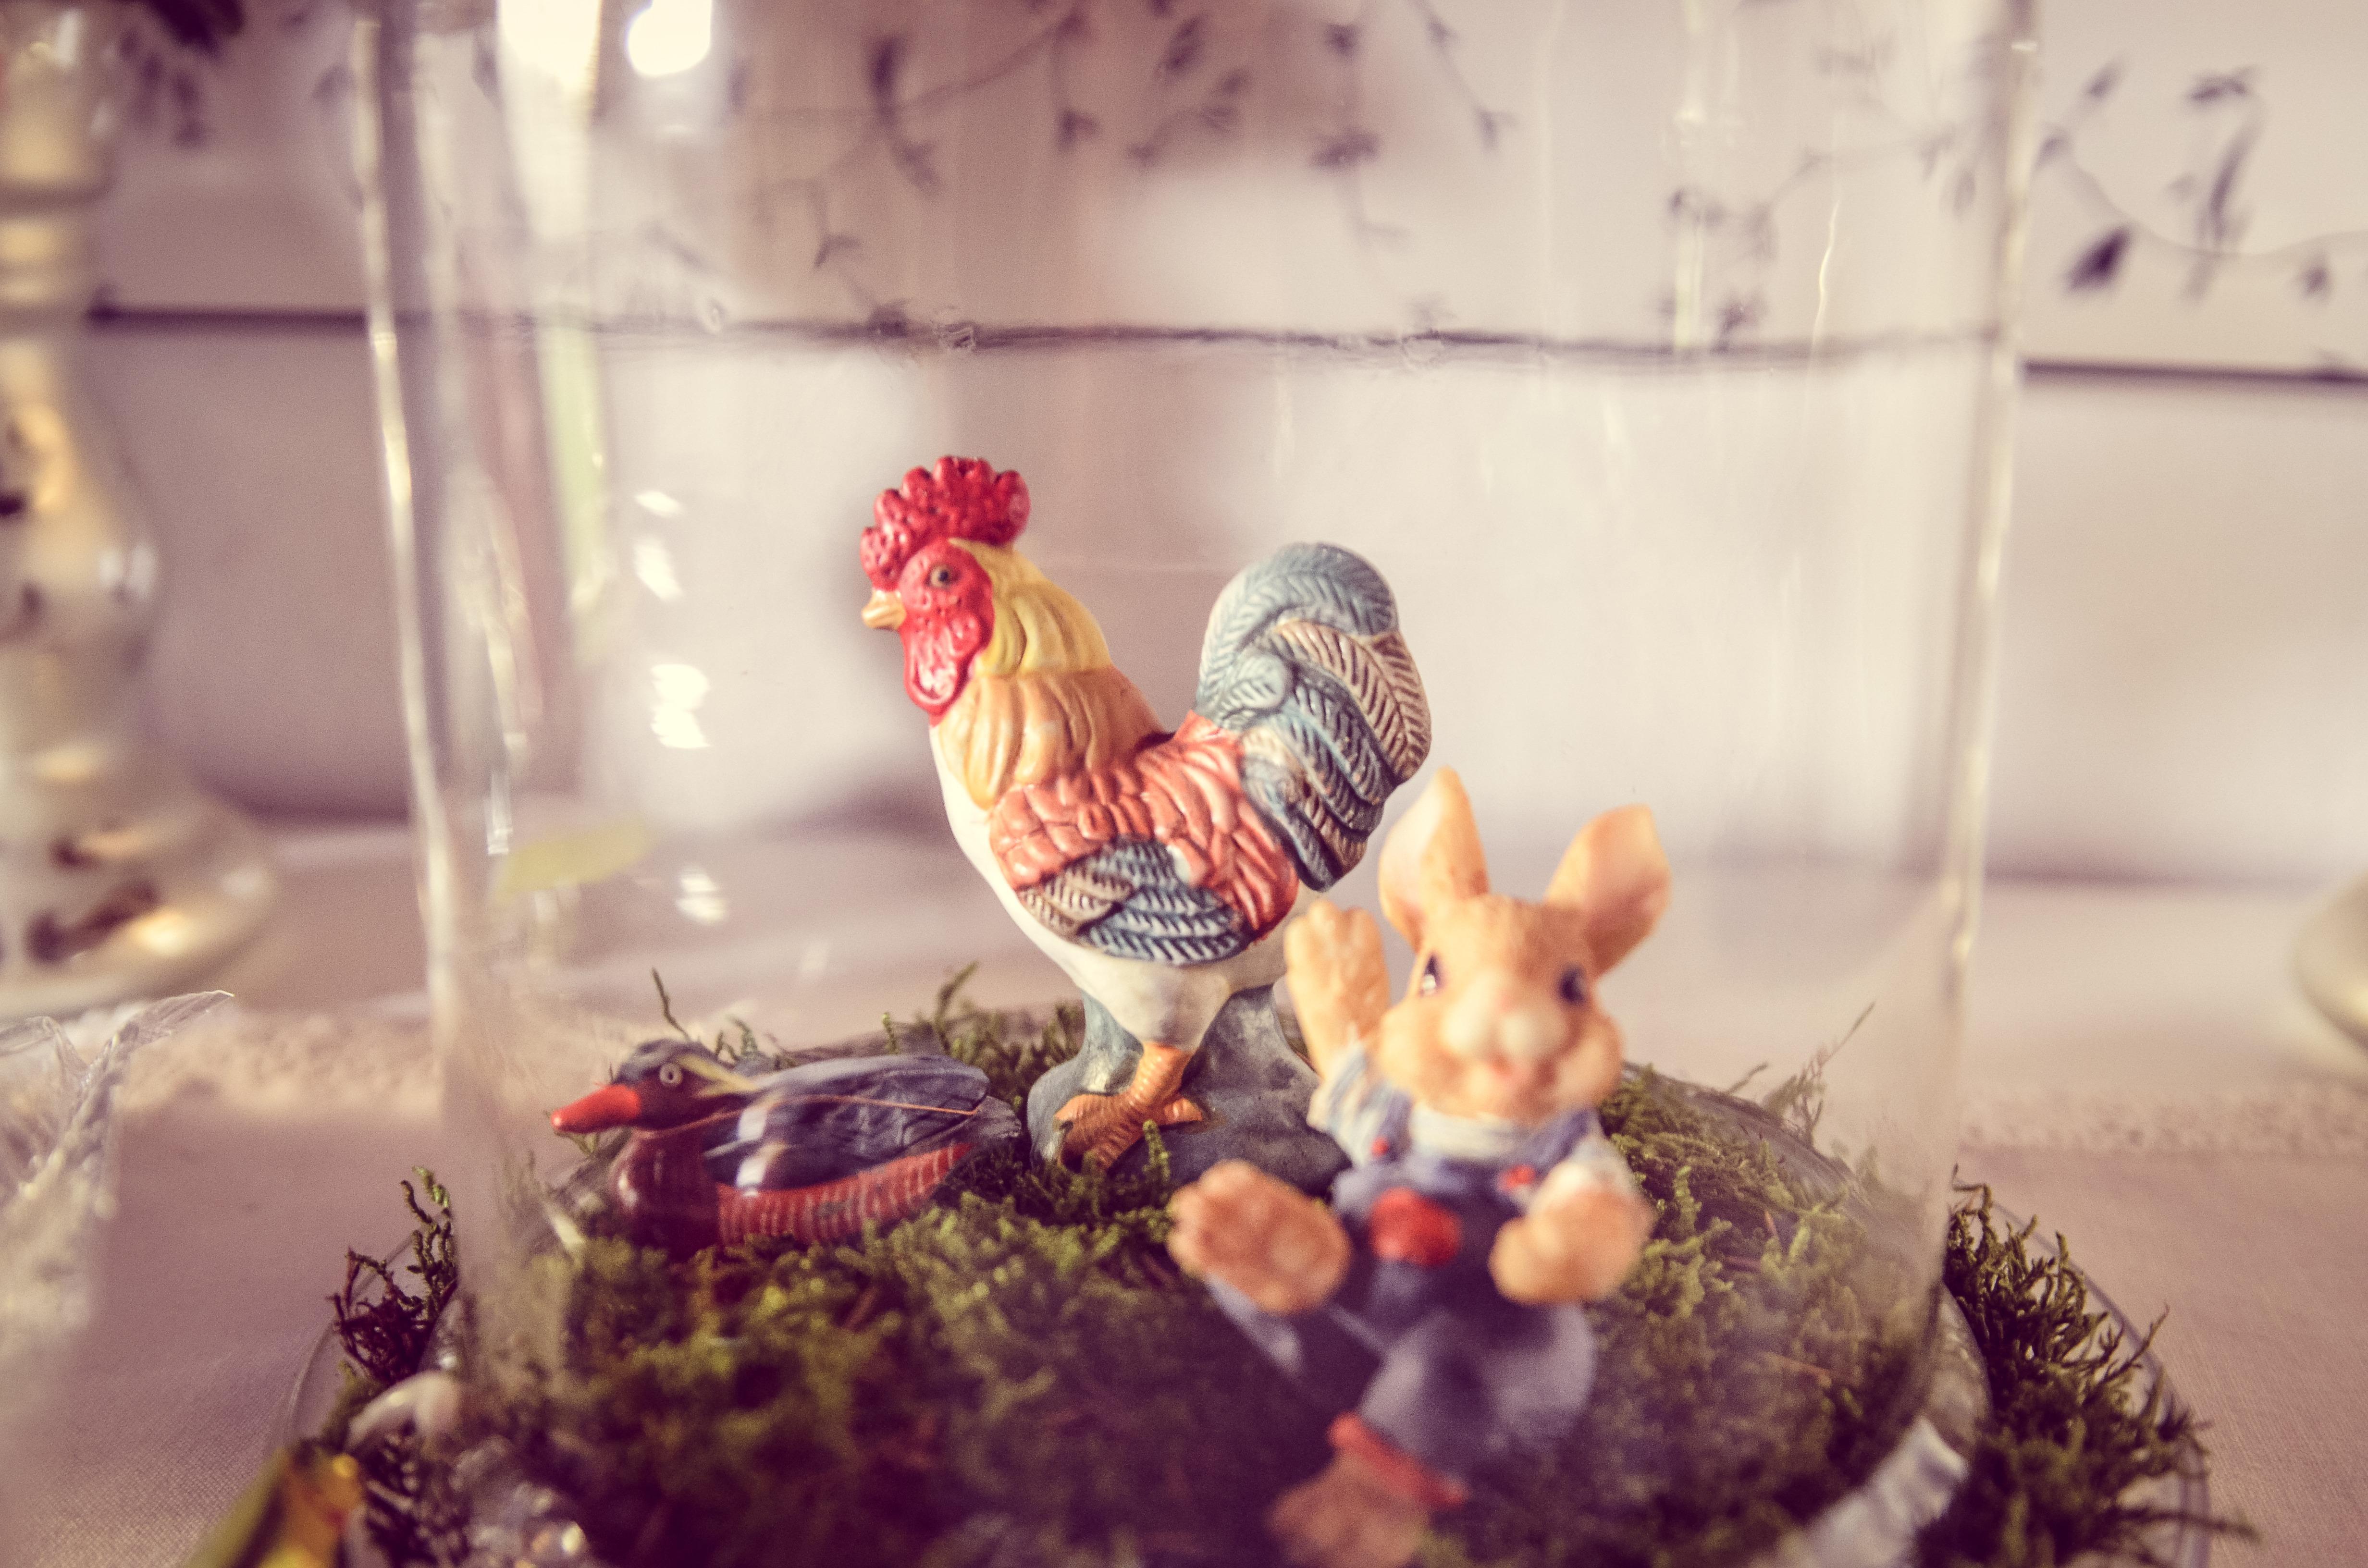 Fotos gratis : pájaro, granja, animal, decoración, comida, color ...